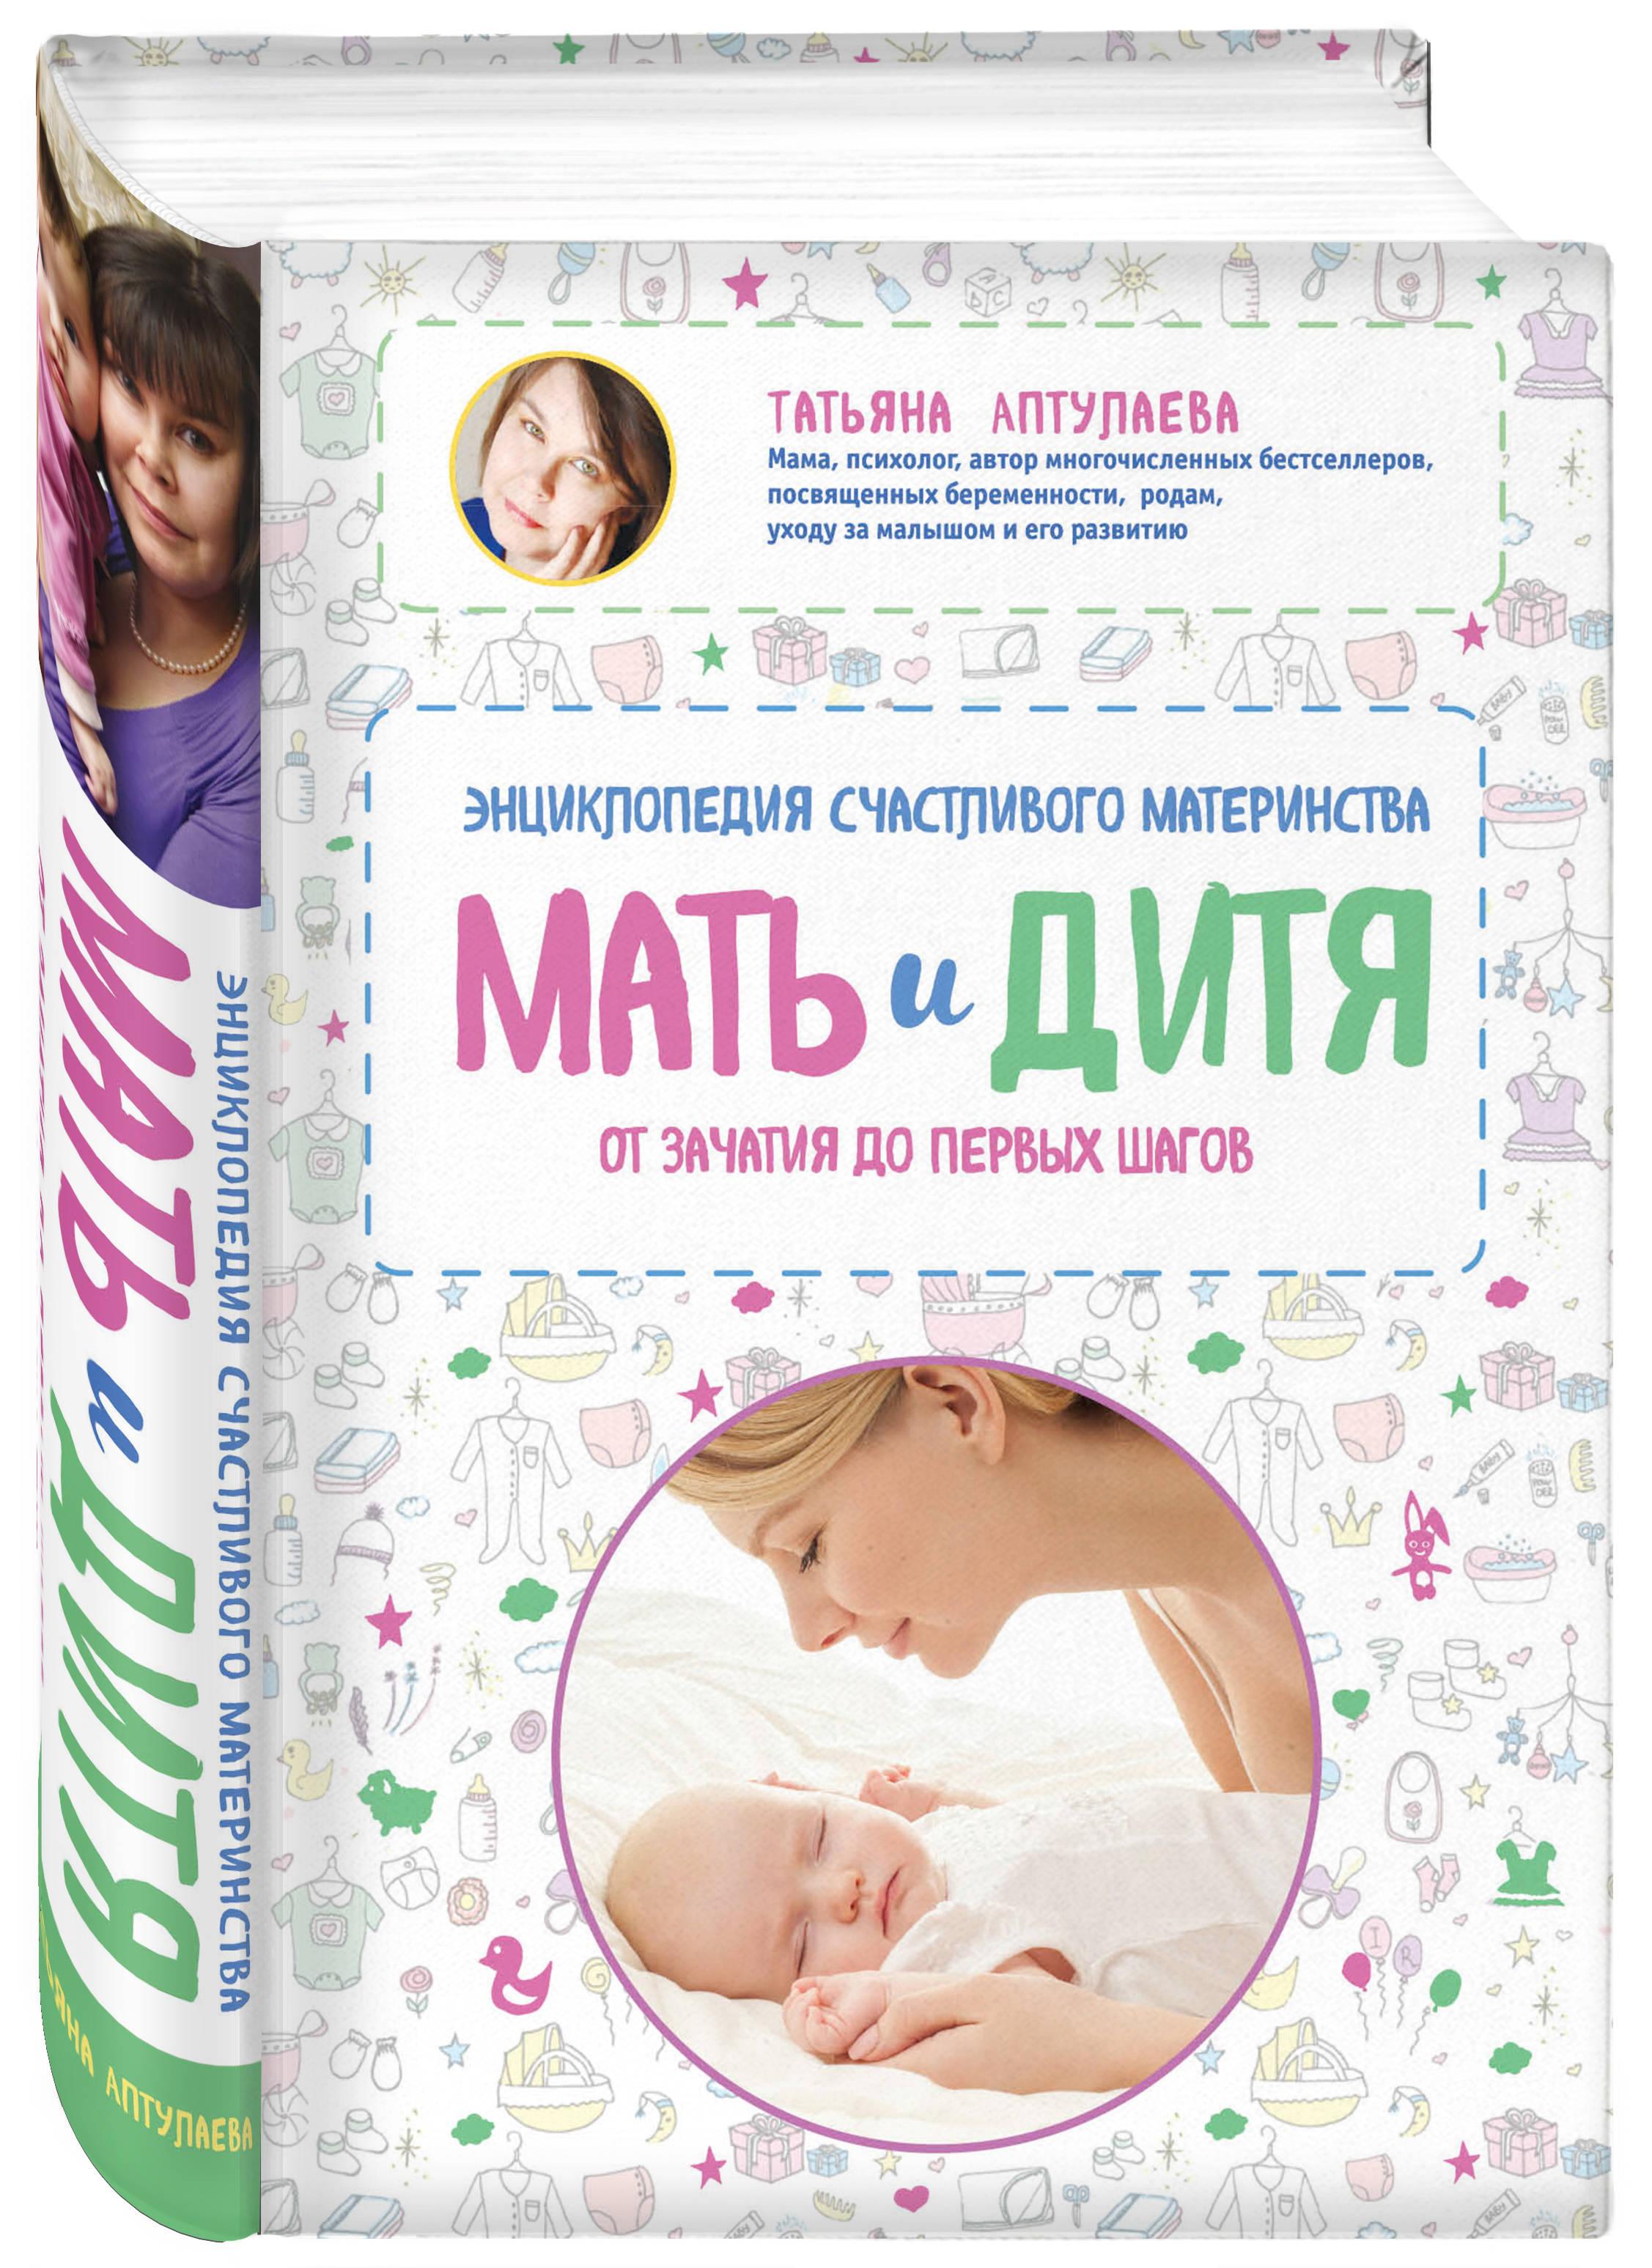 Татьяна Аптулаева Мать и дитя. Энциклопедия счастливого материнства от зачатия до первых шагов